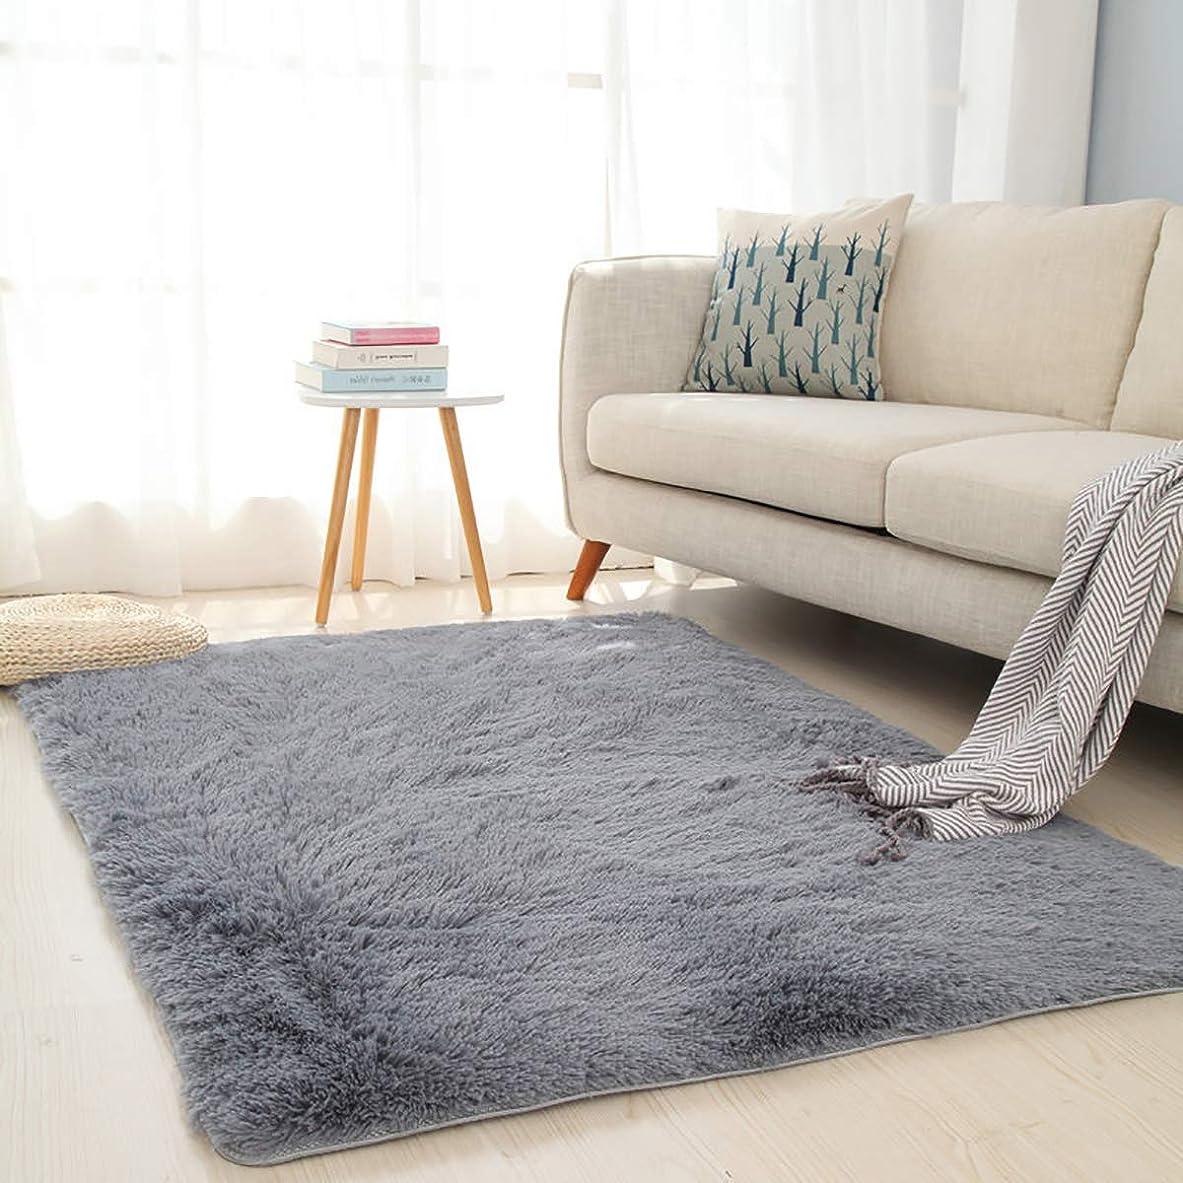 必要としている同行押すカーペット ラグ ラグマット センターカーペット 滑り止め付き 120×160cm (約1.2畳)特大サイズ「DouYun」洗える 長方形 絨毯 防音 抗菌防臭 防ダニ 床暖房対応 シャギーラグ 絨毯 滑り止め付き ふわふわ サラサラ 長方形 グレー